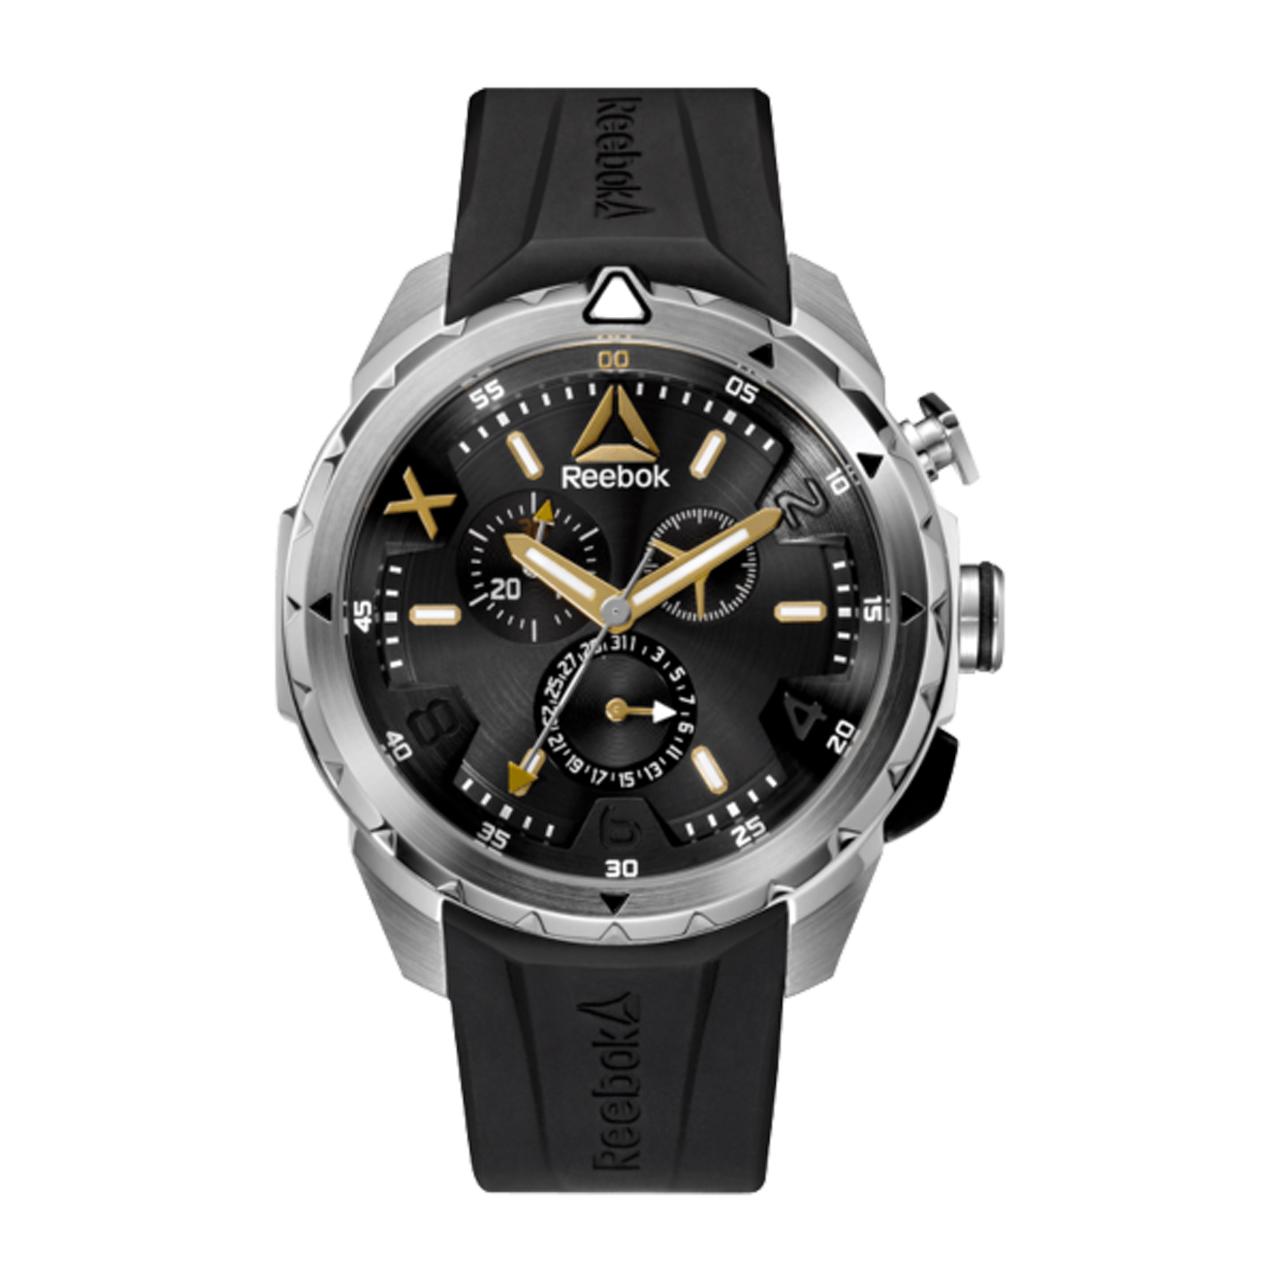 ساعت مچی عقربه ای مردانه ریباک مدل RD-IMP-G6-S1IB-B2 55